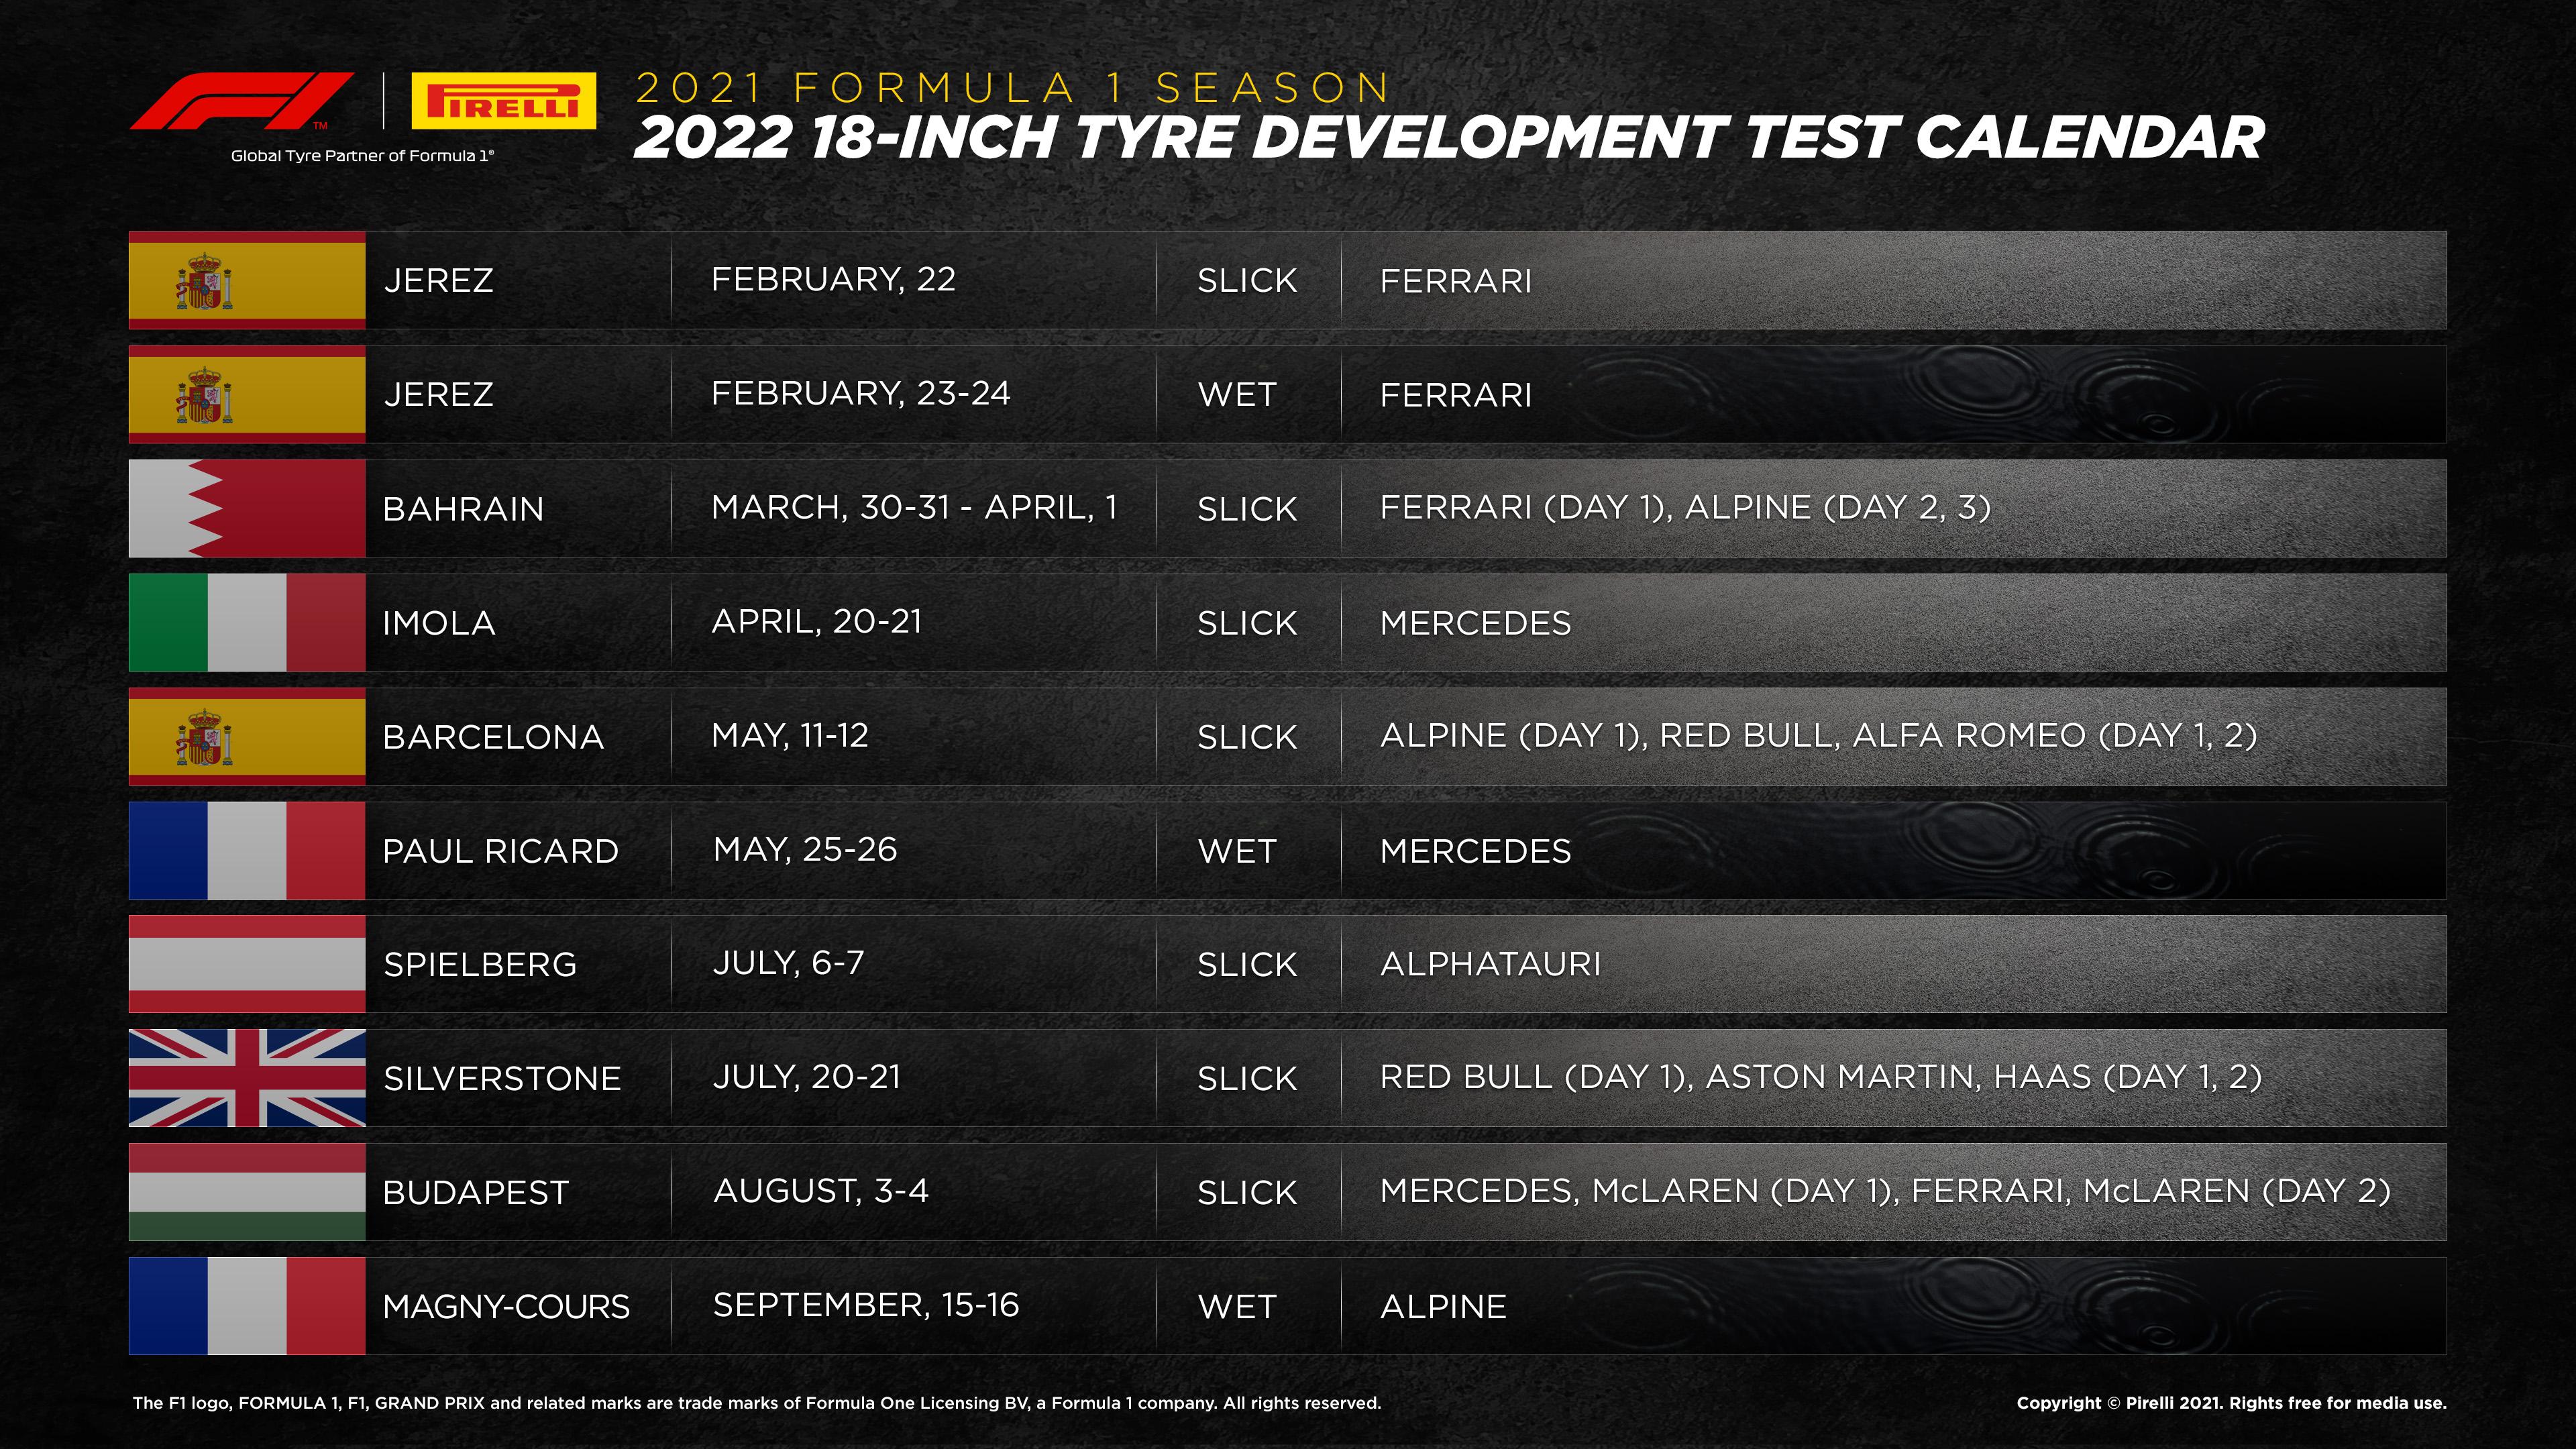 calendario_test_pirelli_f1